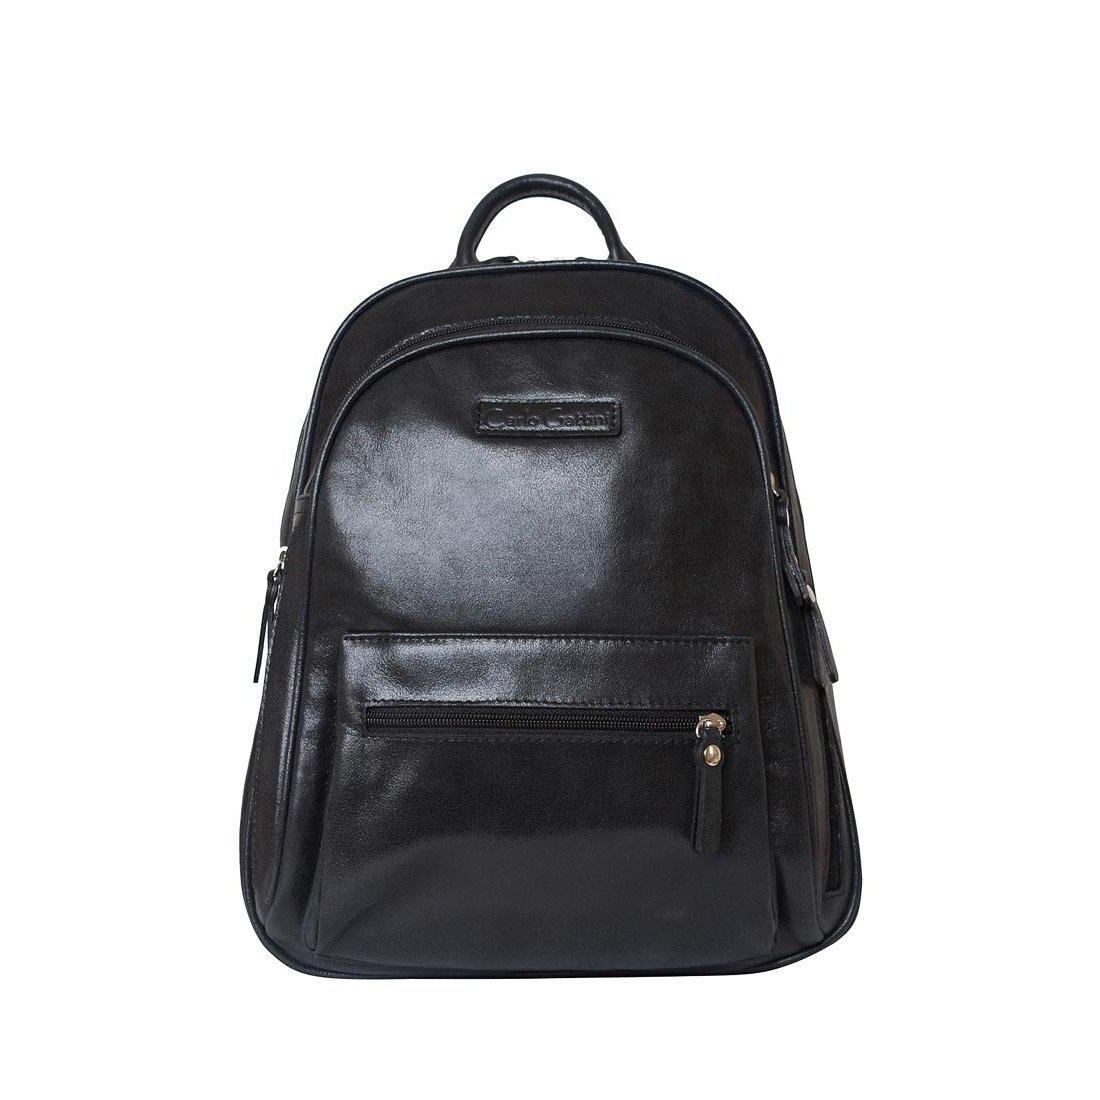 419564f612d8 Сумка рюкзак Carlo Gattini купить и сравнить цены + отзывы, обзоры и ...